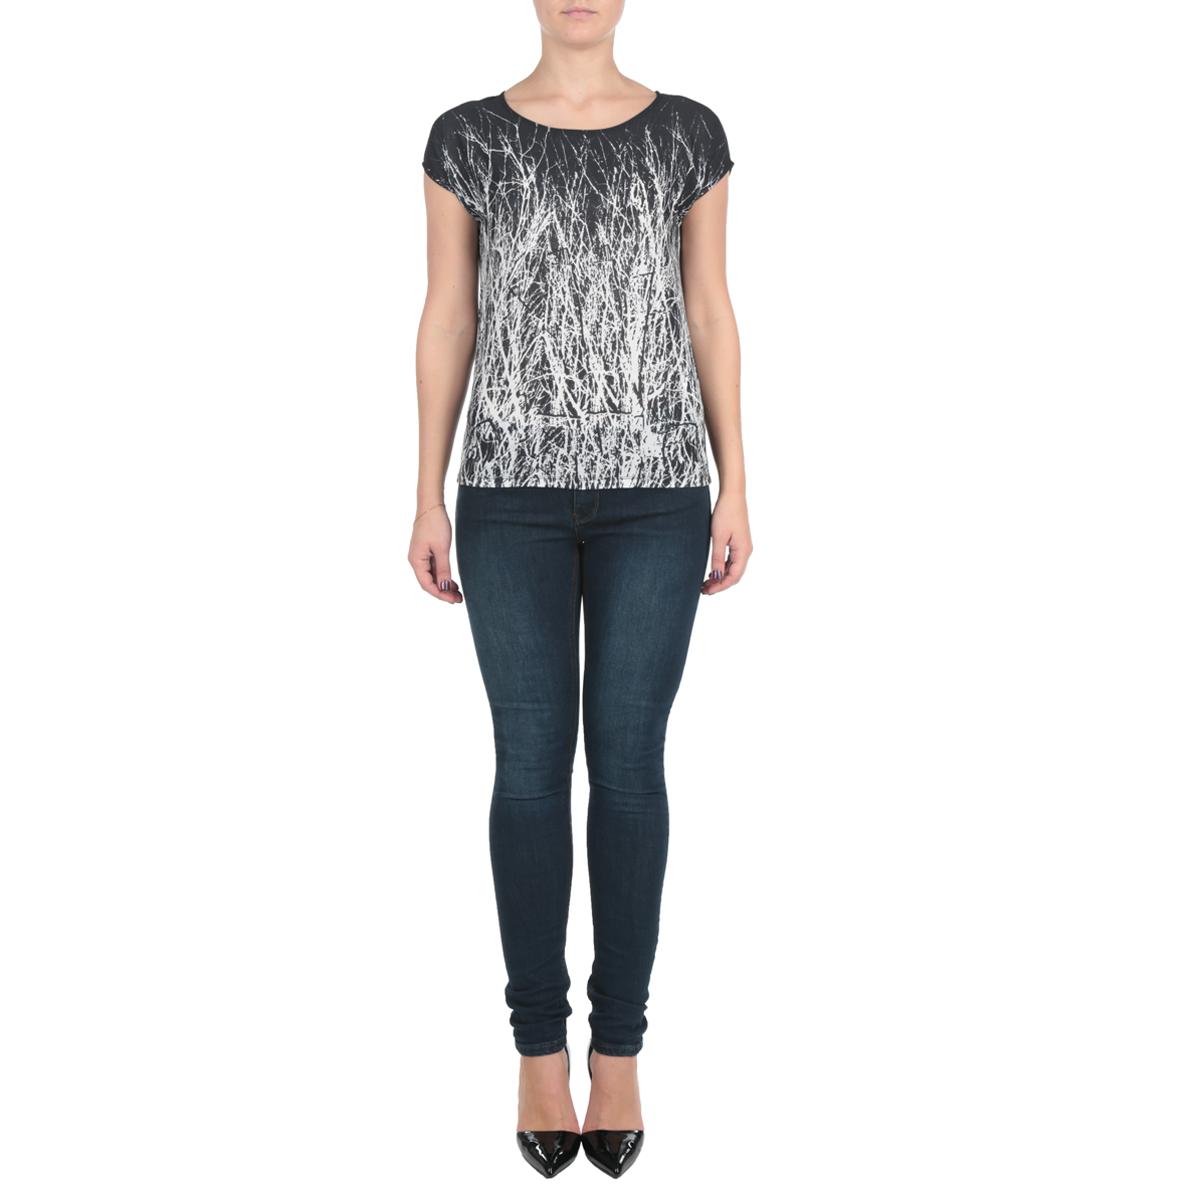 Блузка женская. SBK2115CASBK2115CAОригинальная женская блуза Top Secret выполнена в современном городском стиле. Модель, изготовленная из высококачественного комбинированного мягкого полиэстера с небольшим добавлением вискозы, не сковывает движения и позволяет коже дышать, обеспечивая наибольший комфорт. Блузка оформлена оригинальным принтом, модель с круглым вырезом горловины и короткими рукавами-кимоно. Идеальный вариант для тех, кто ценит комфорт и качество.